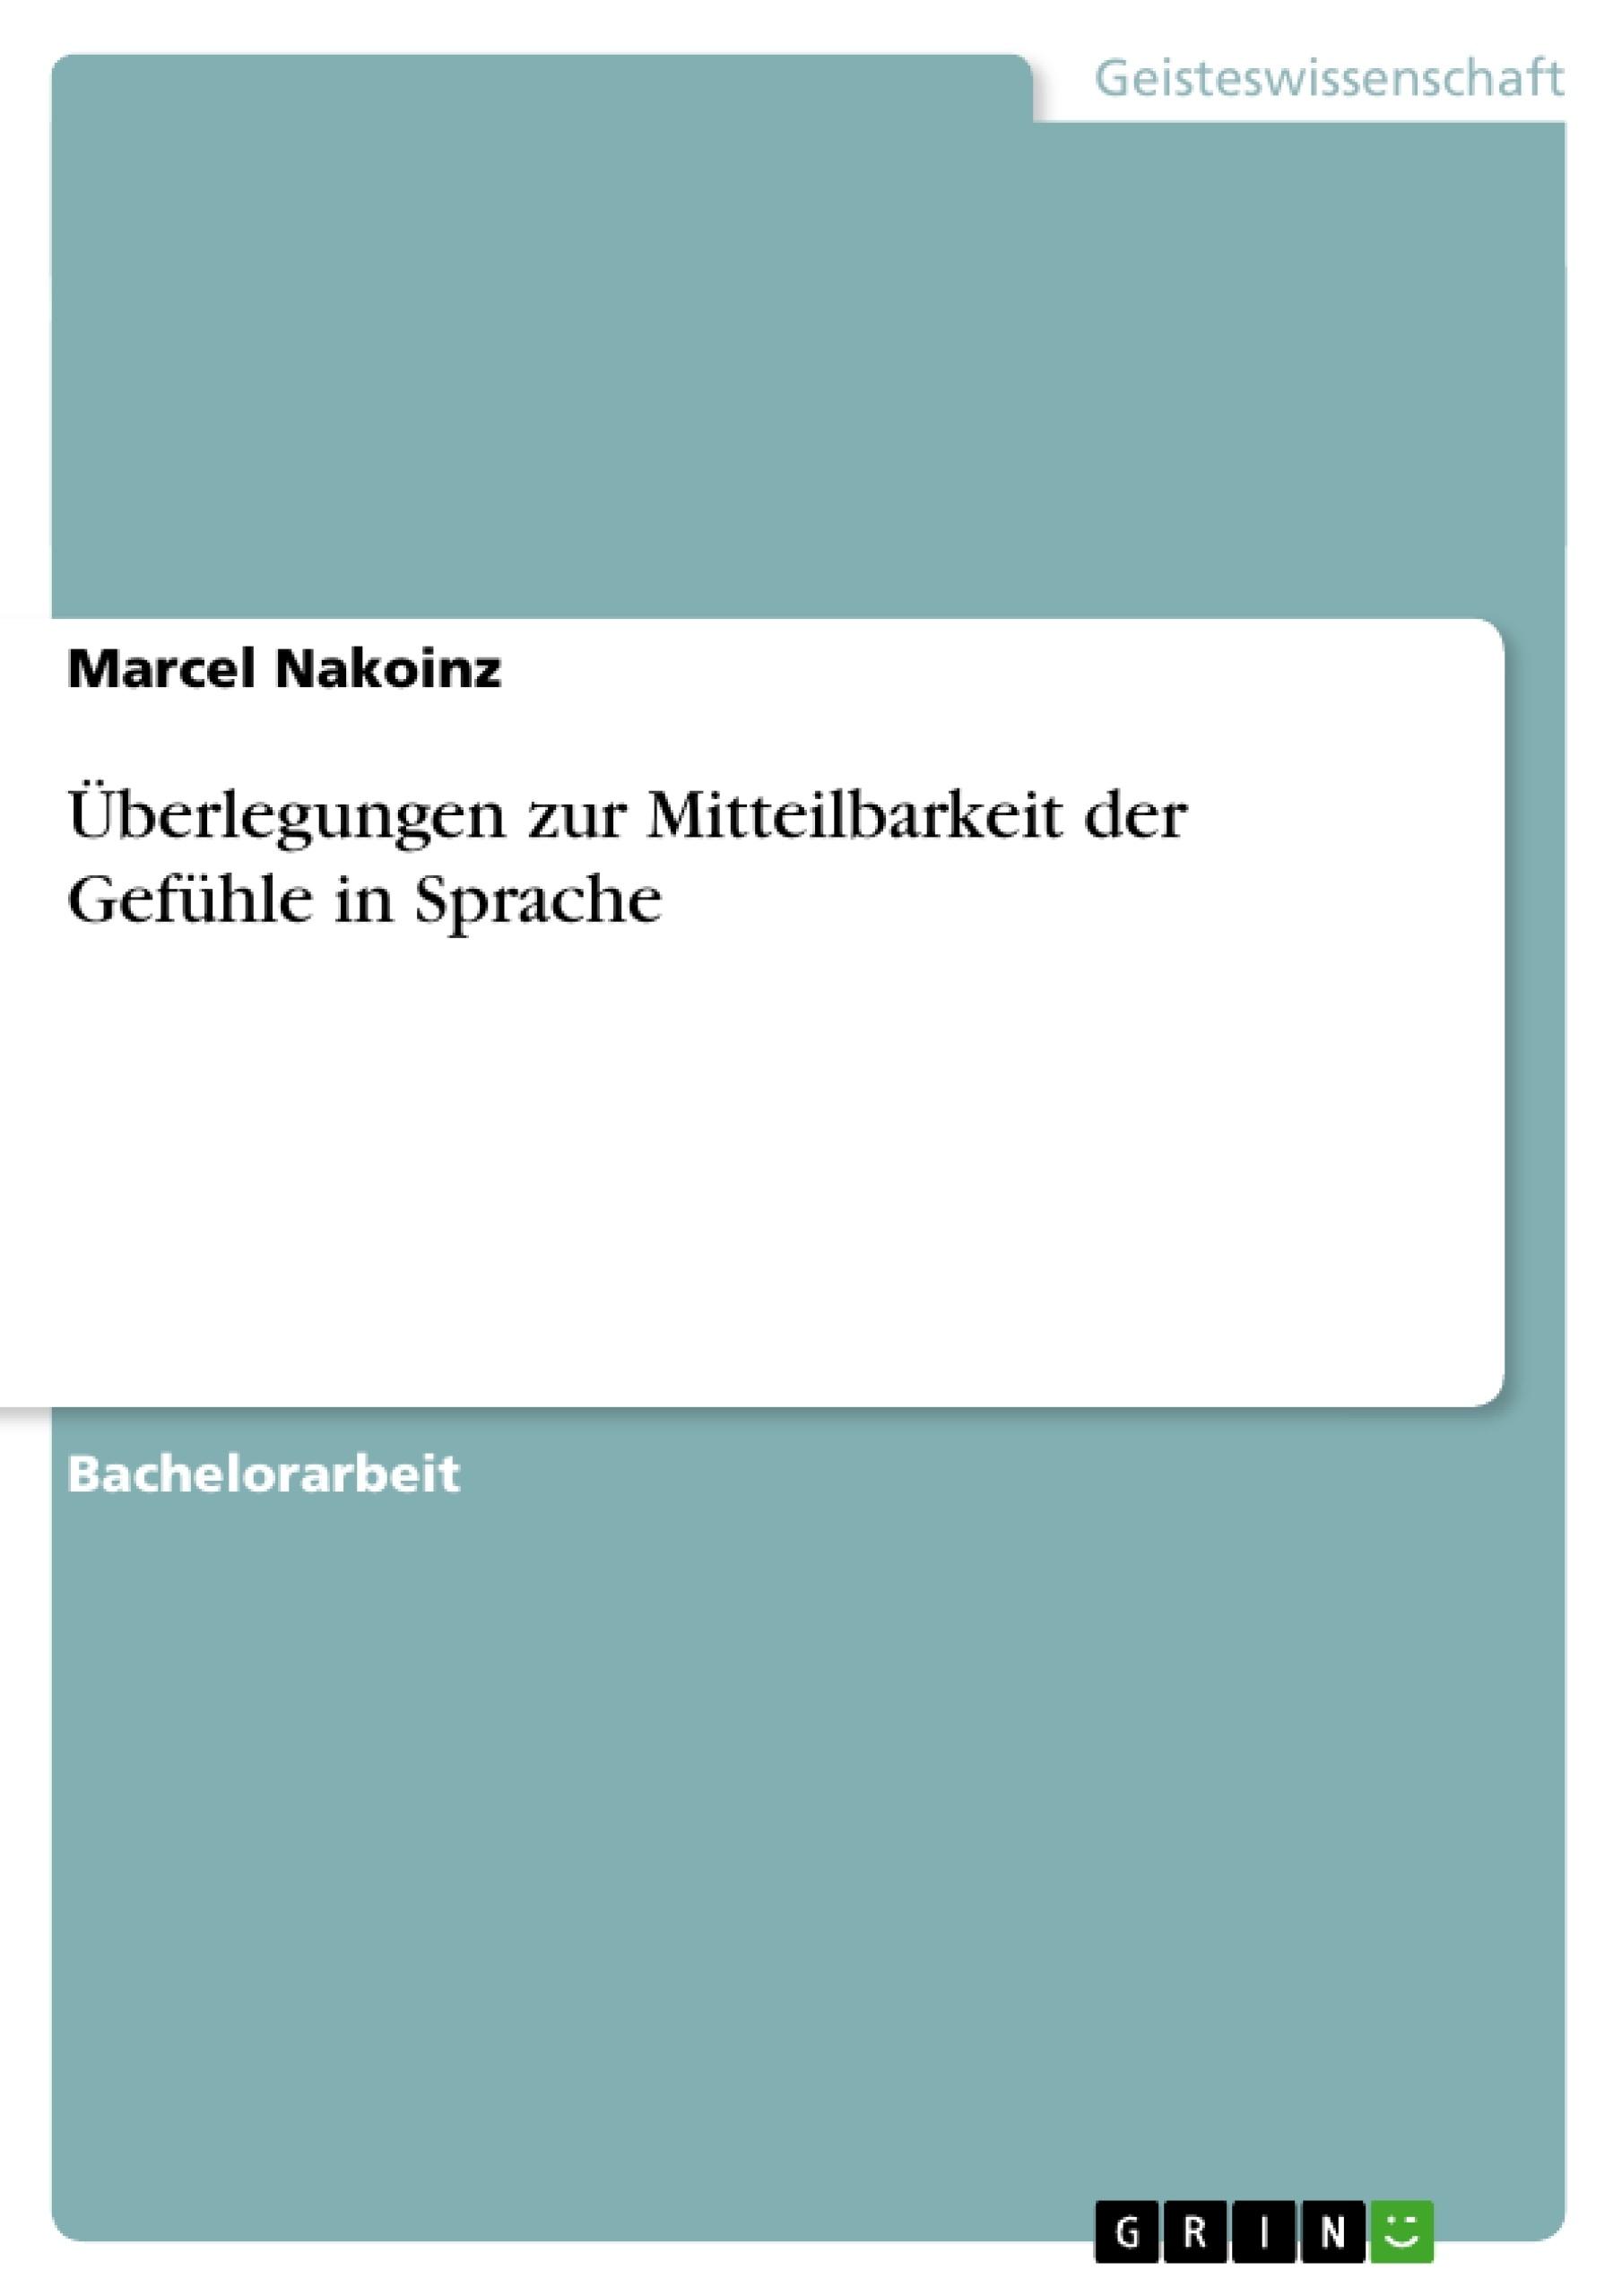 Titel: Überlegungen zur Mitteilbarkeit der Gefühle in Sprache